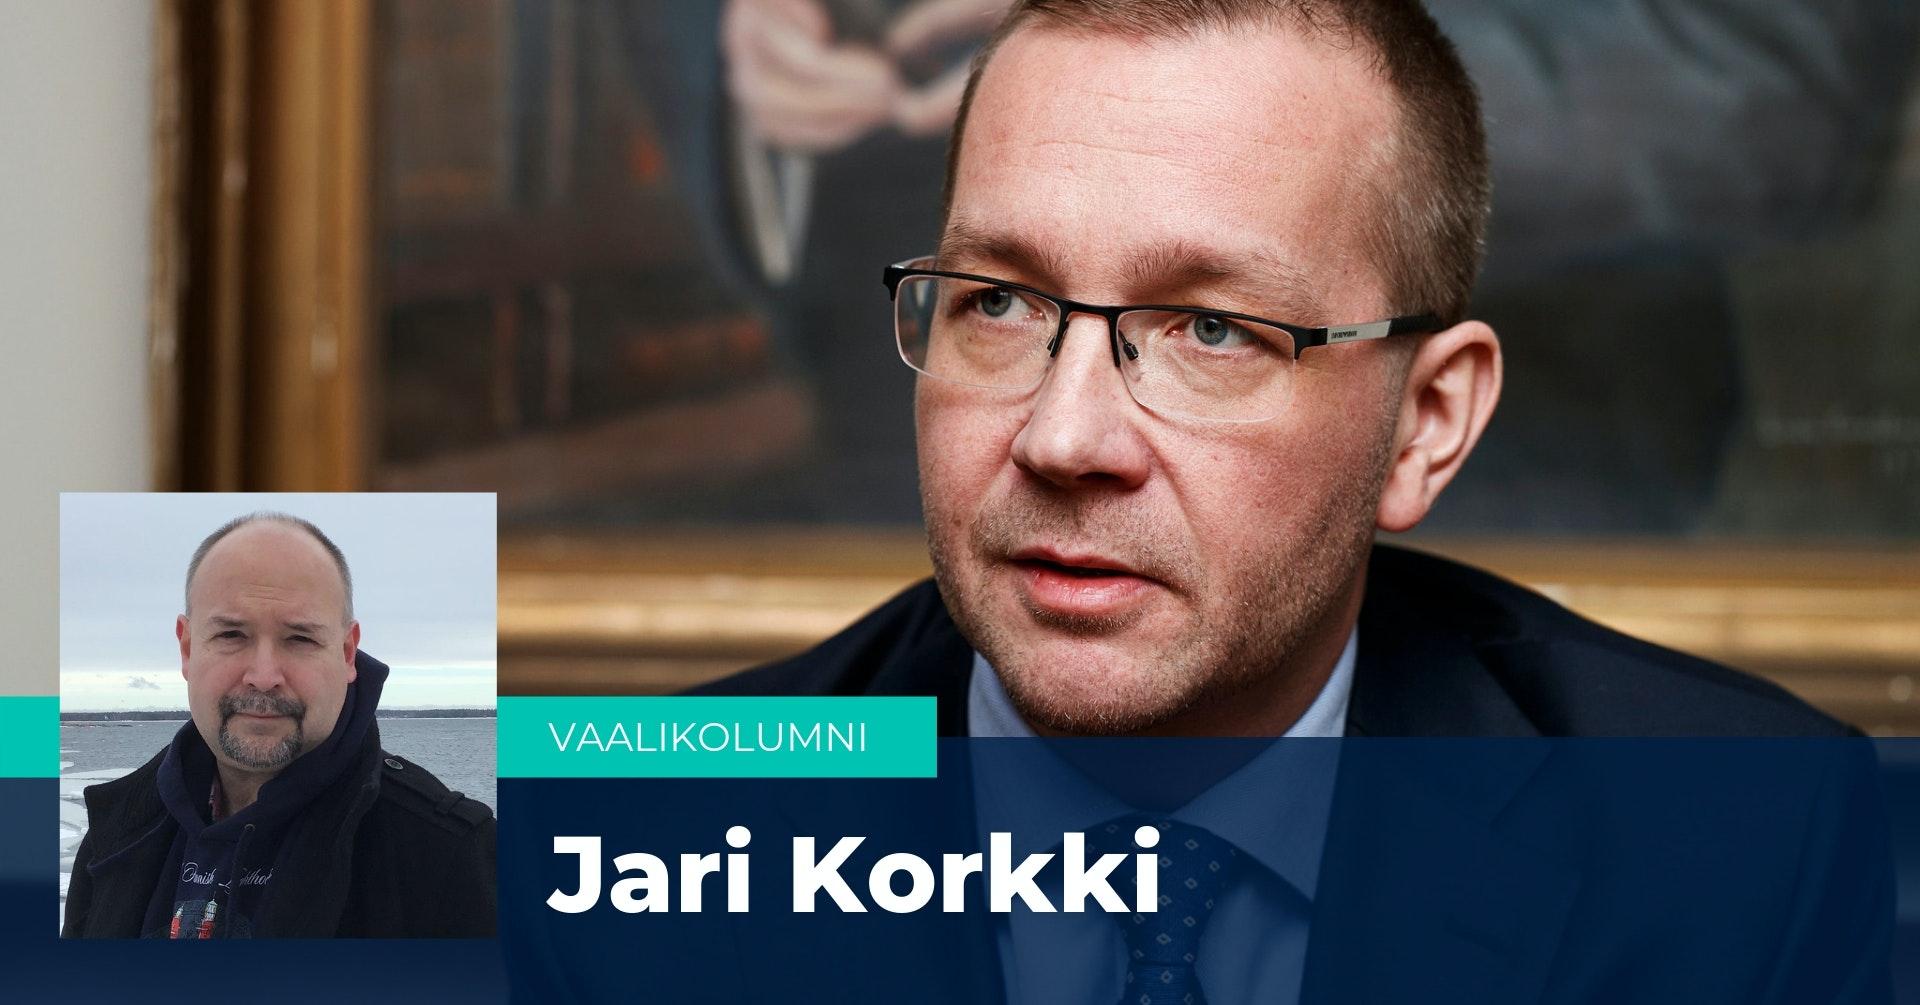 Jari Korkki ruotii kolumnissaan paikallista sopimista.